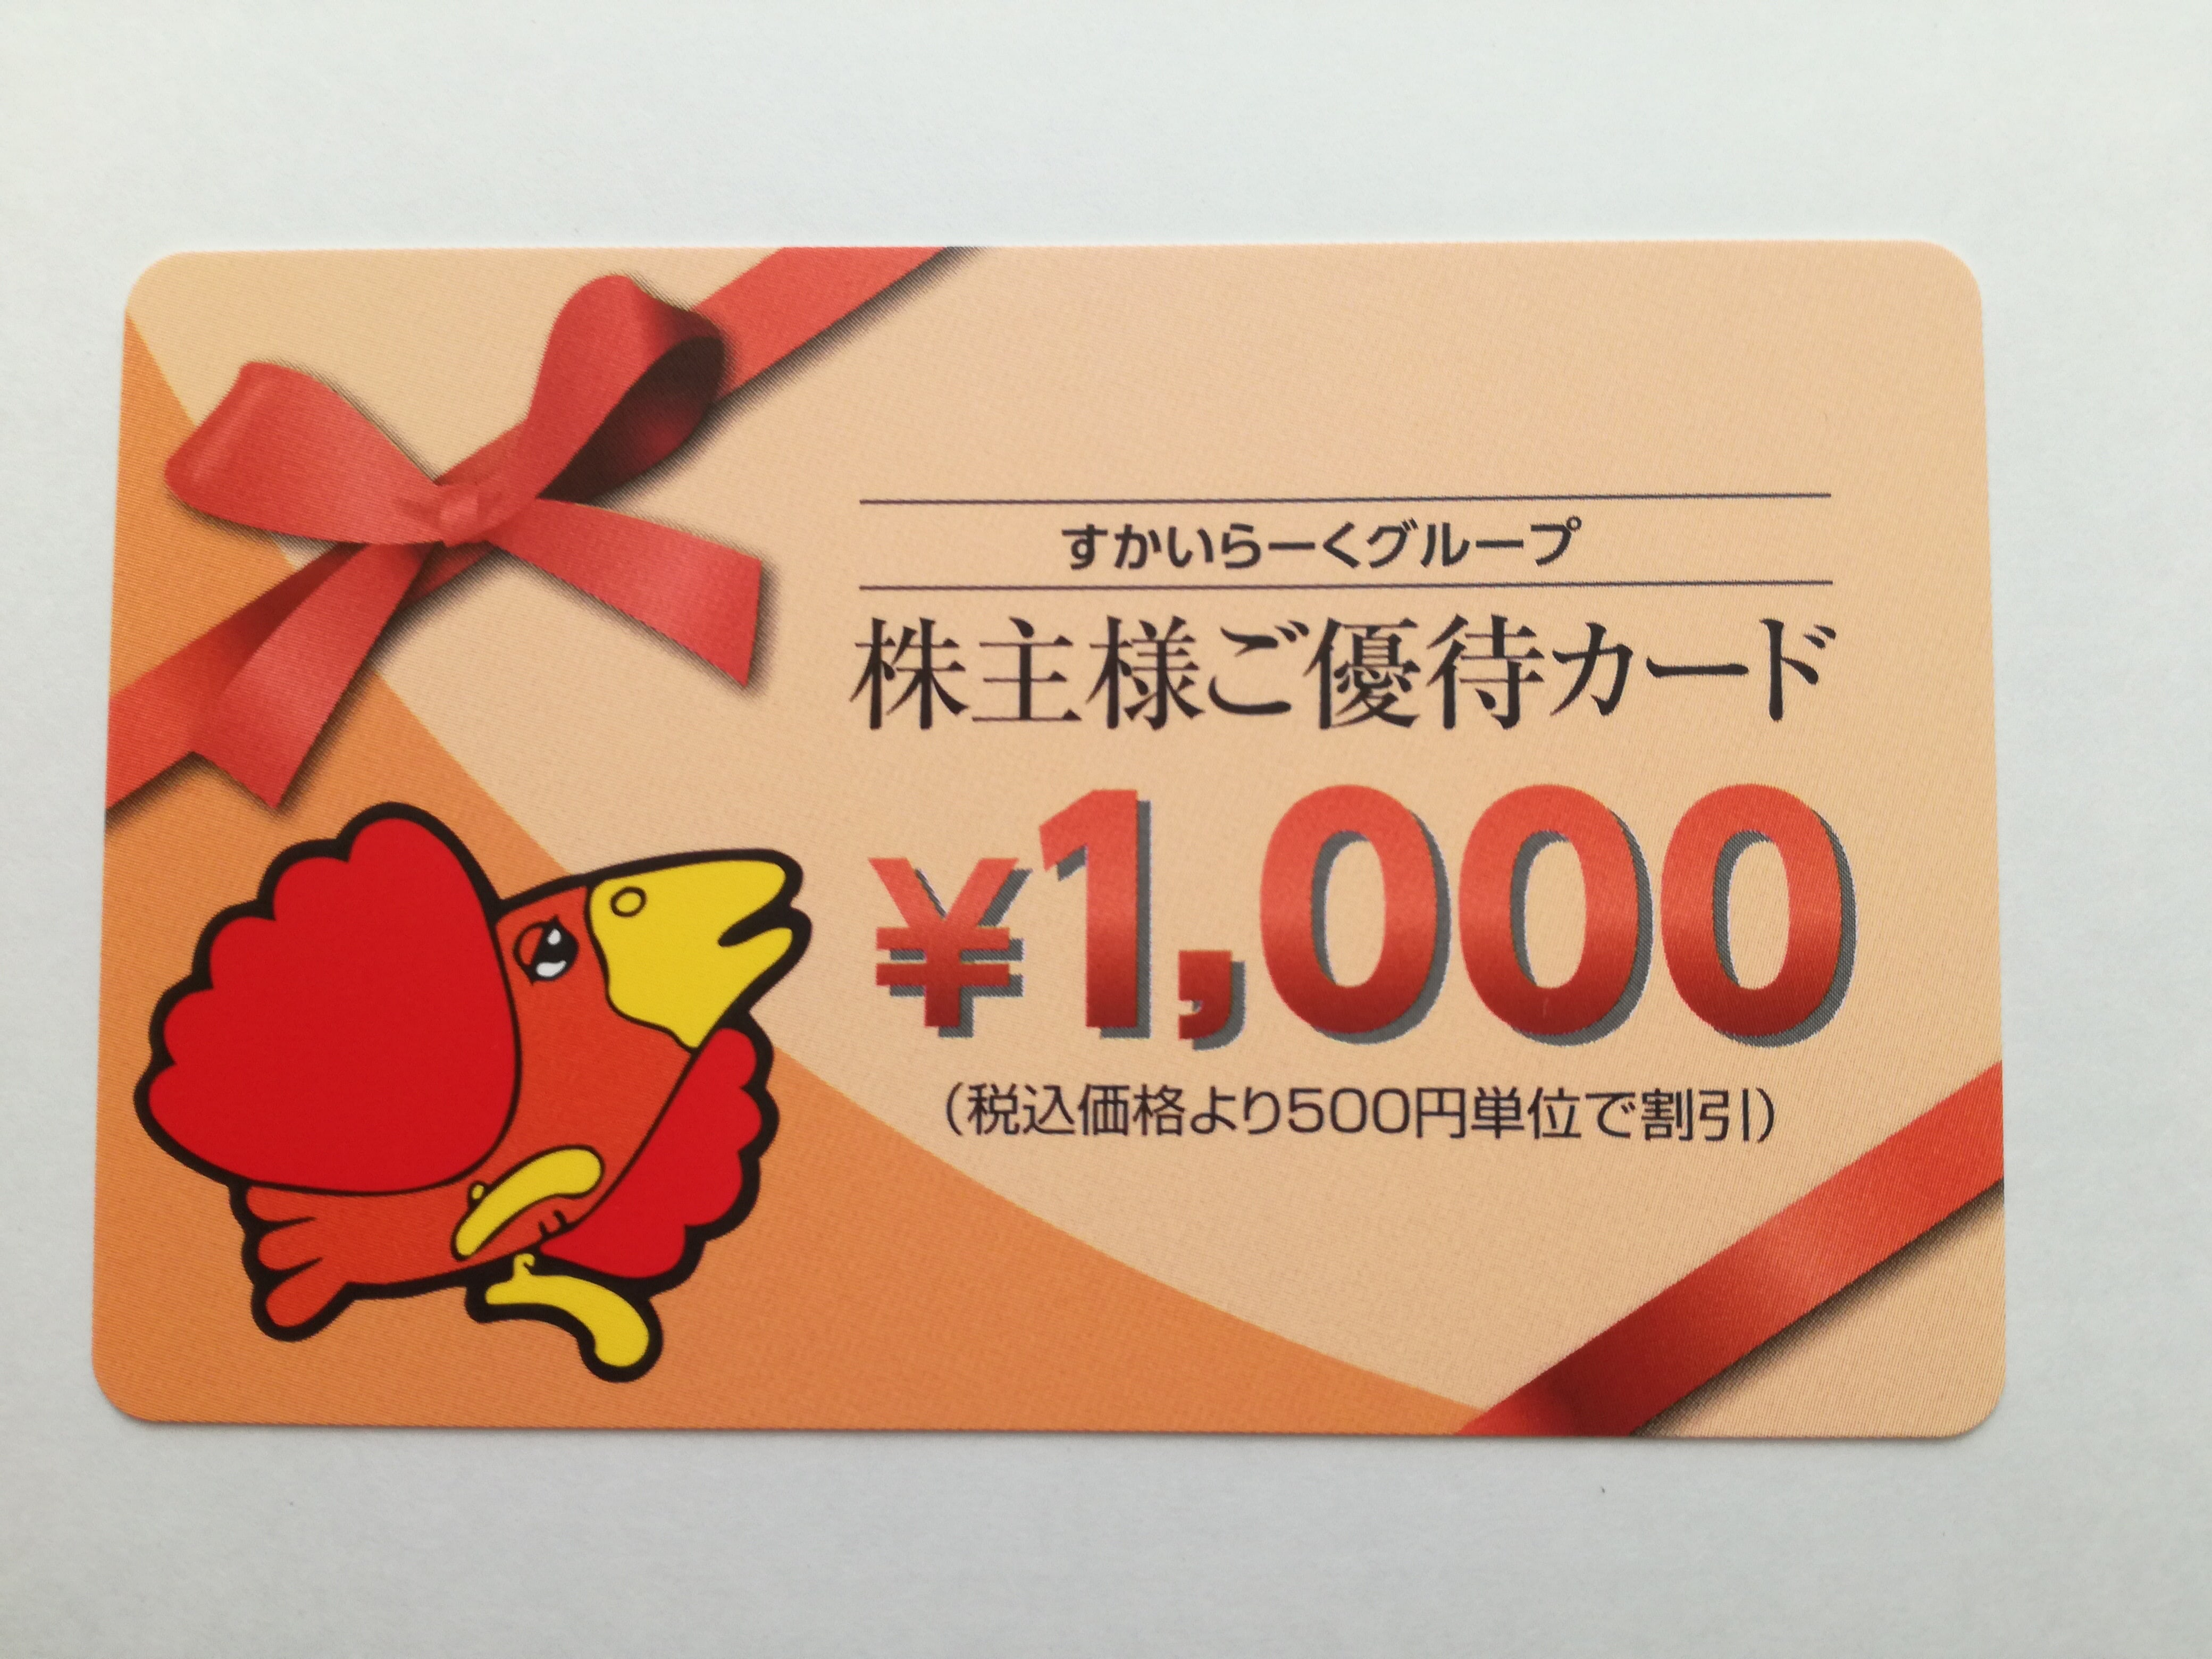 すかいらーくホールディングス(3197)の株主優待カードが2名義分の6,000円分が到着!